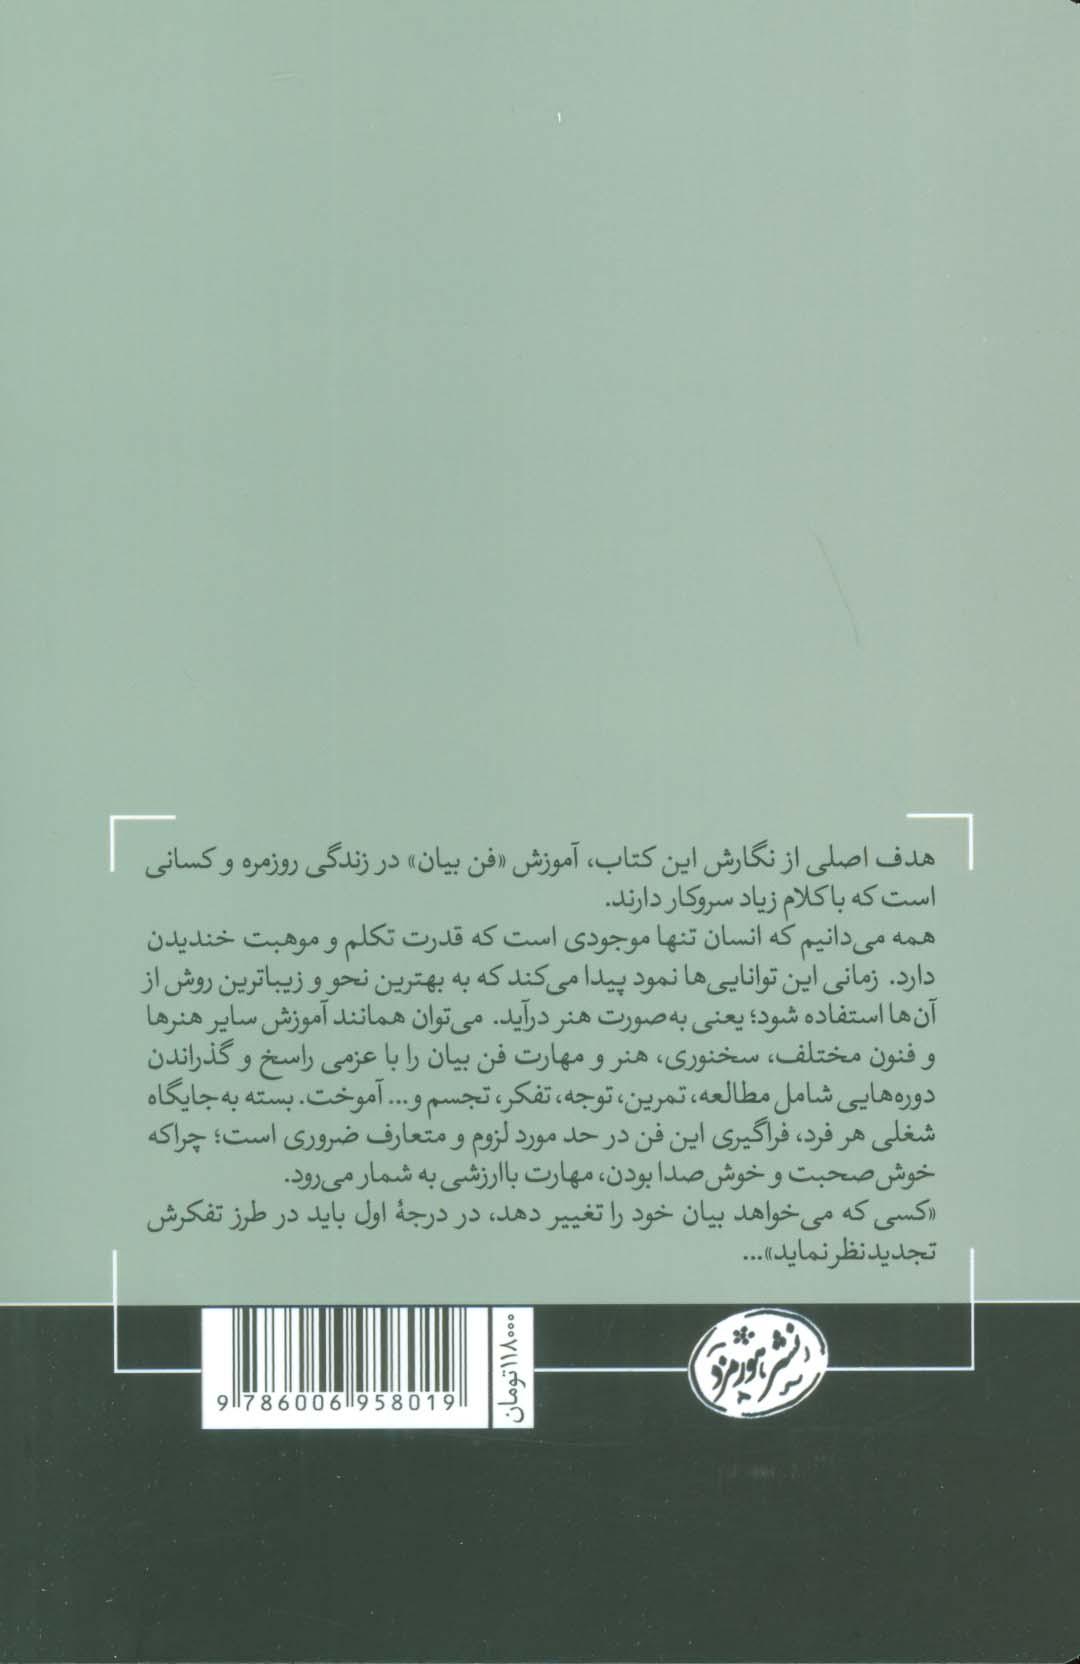 آموزش فن بیان (کتاب های حوزه ی موفقیت35)